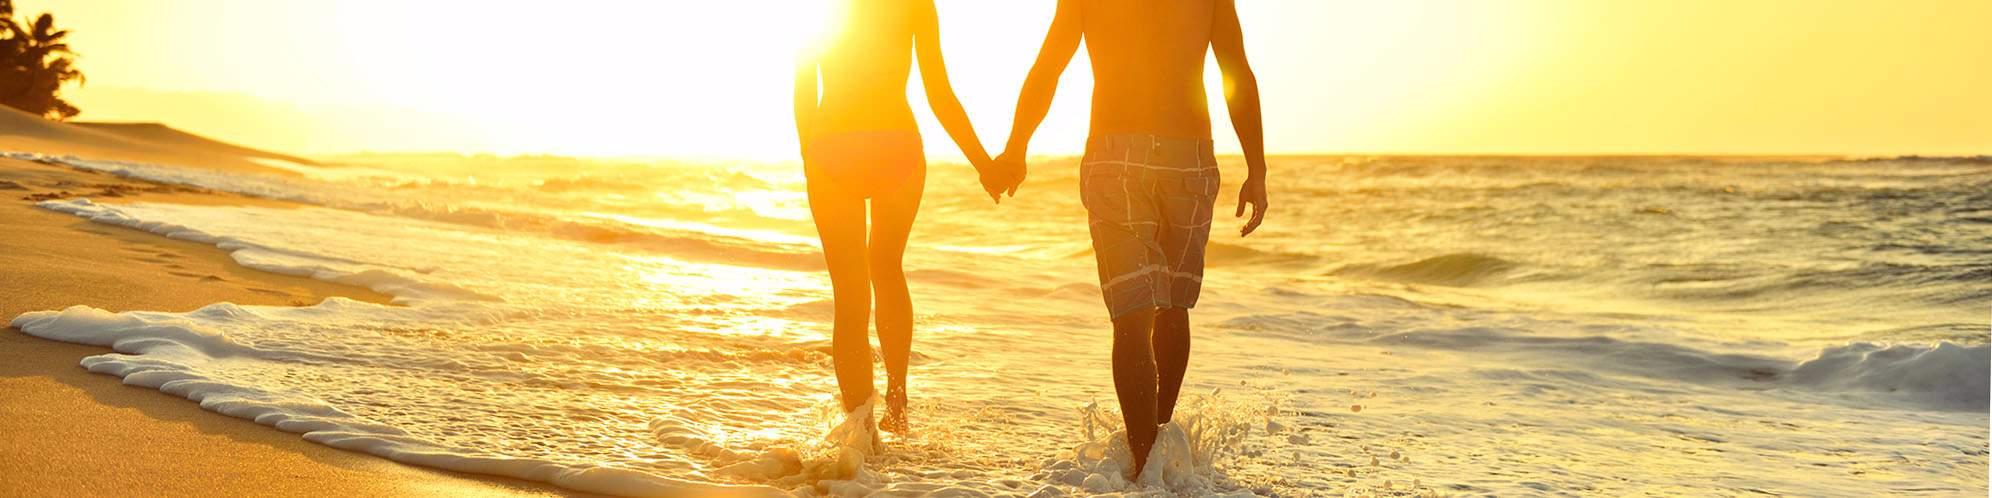 Couple, honeymoon, beach, Sri Lanka